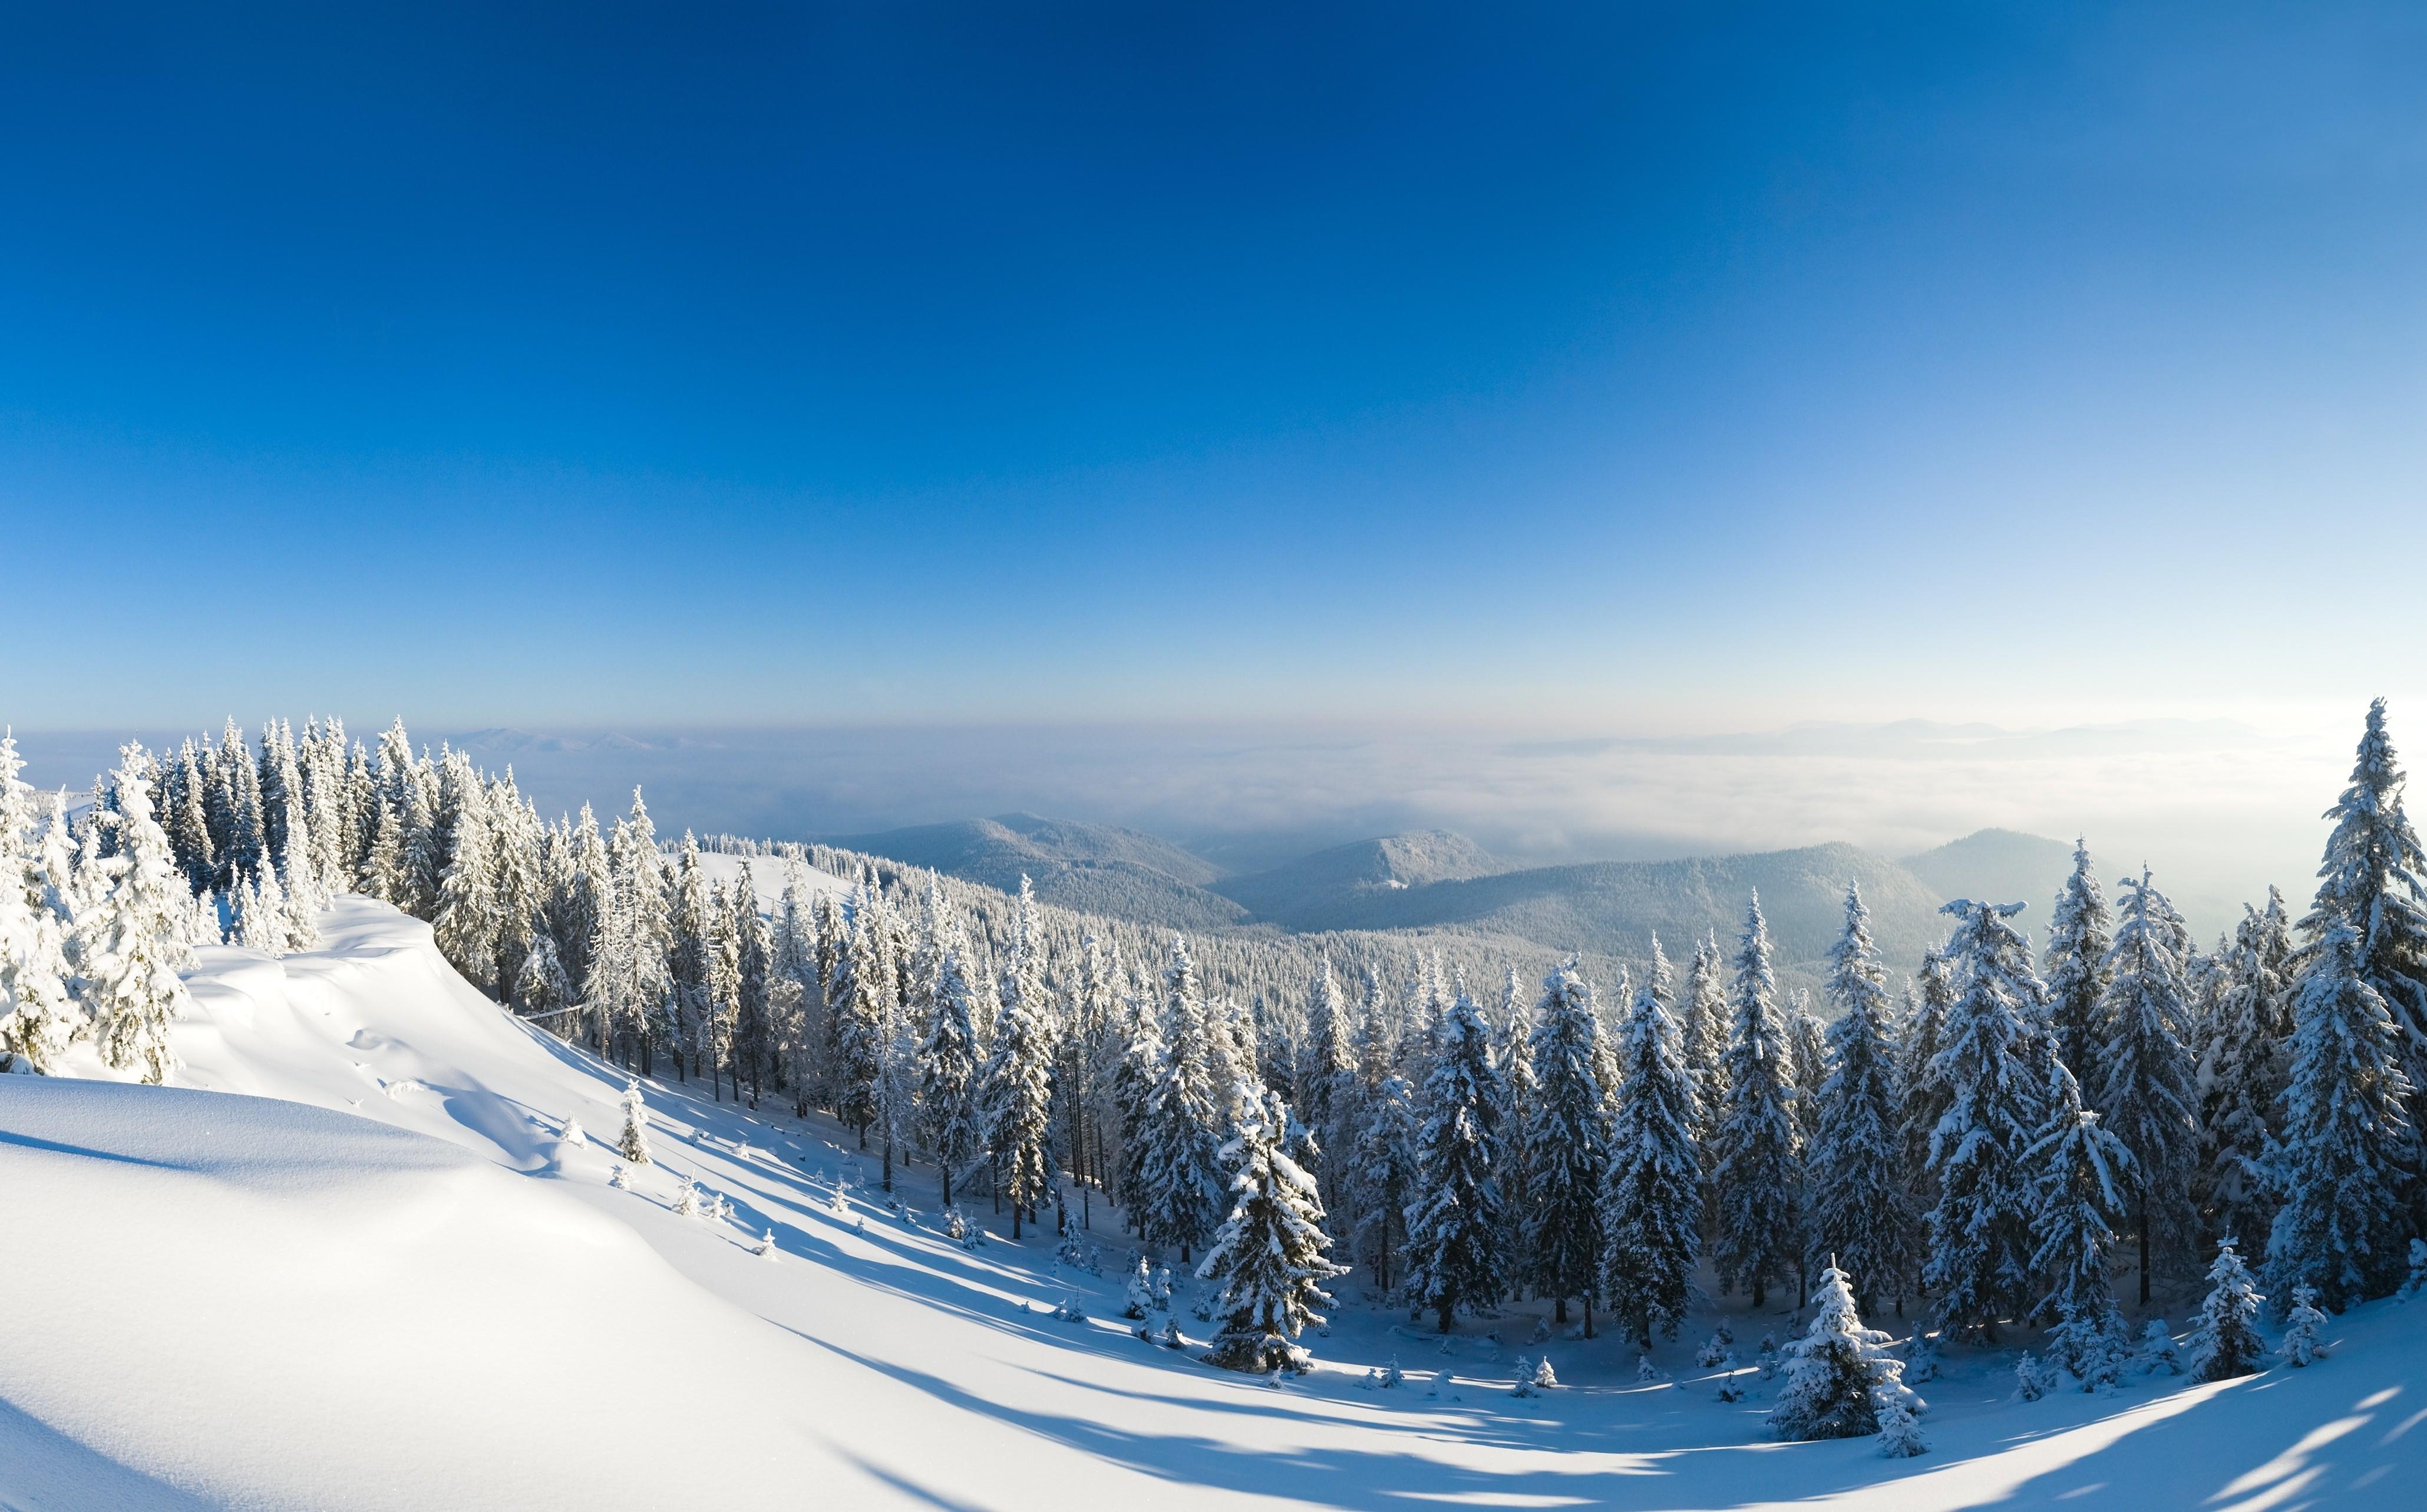 Great Wallpaper Mountain Winter - winter-forest-4119x2566-5k-4k-wallpaper-mountain-sun-snow-fir-trees-580  Picture_49421.jpg